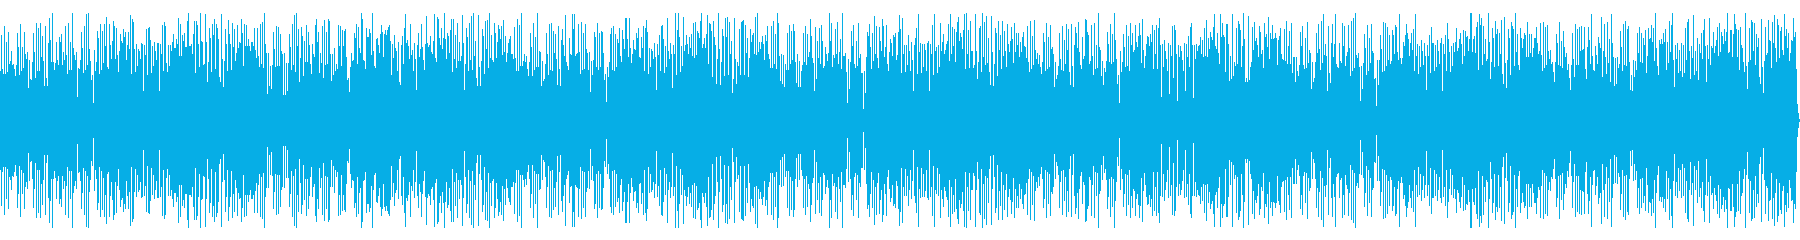 恋煩いなカフェジャズ…ヘタレ系ラブコメの再生済みの波形